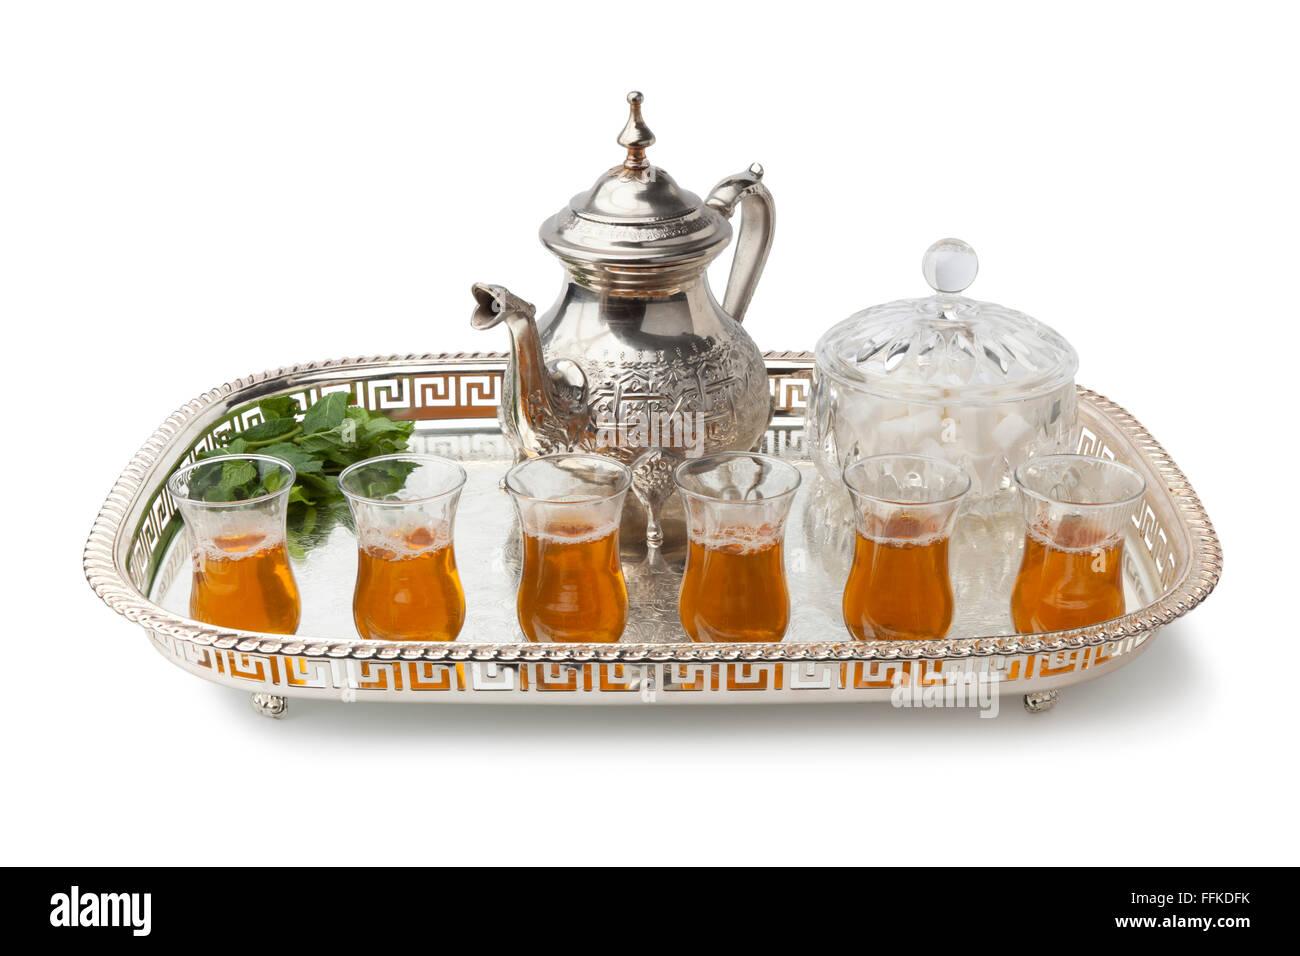 Plateau avec thé à la menthe marocain traditionnel sur fond blanc Photo Stock